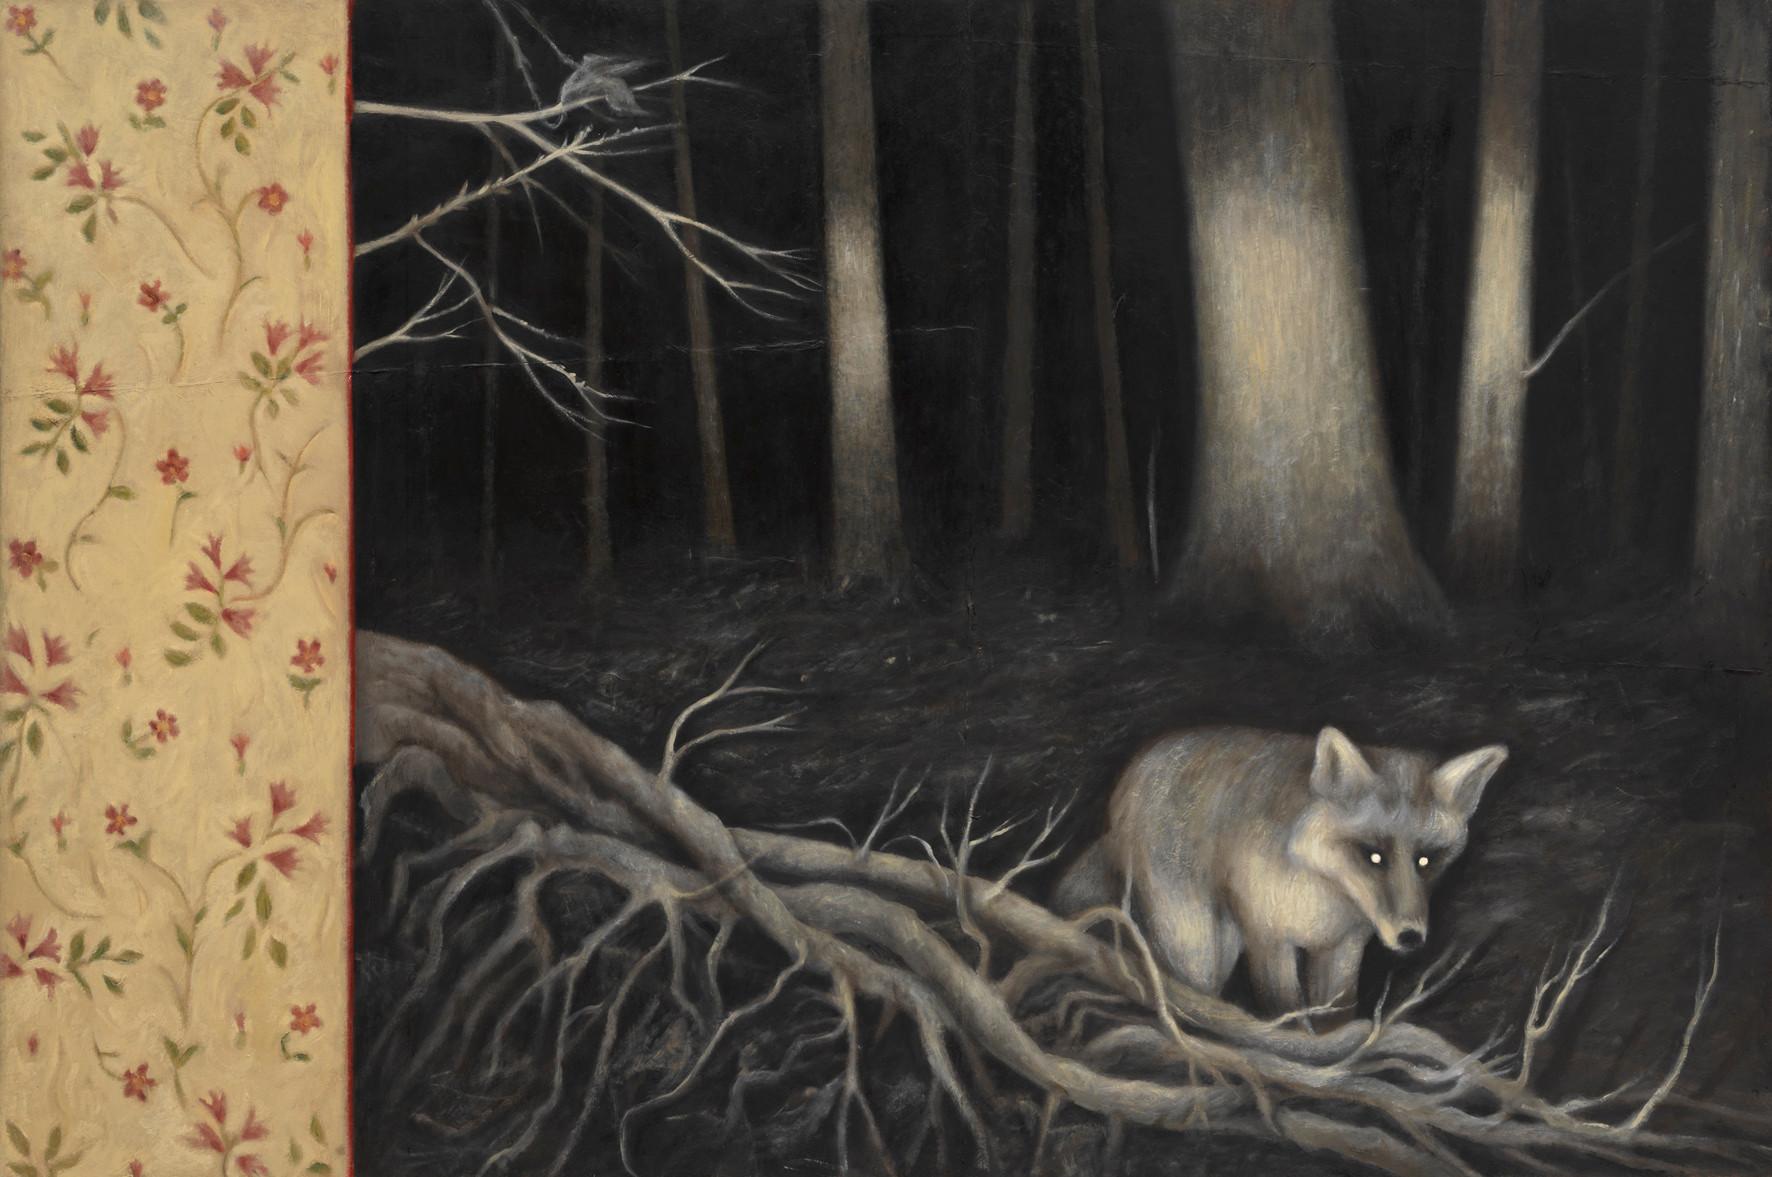 Senza titolo, 2012 olio su carta su tela, cm 100 x 150